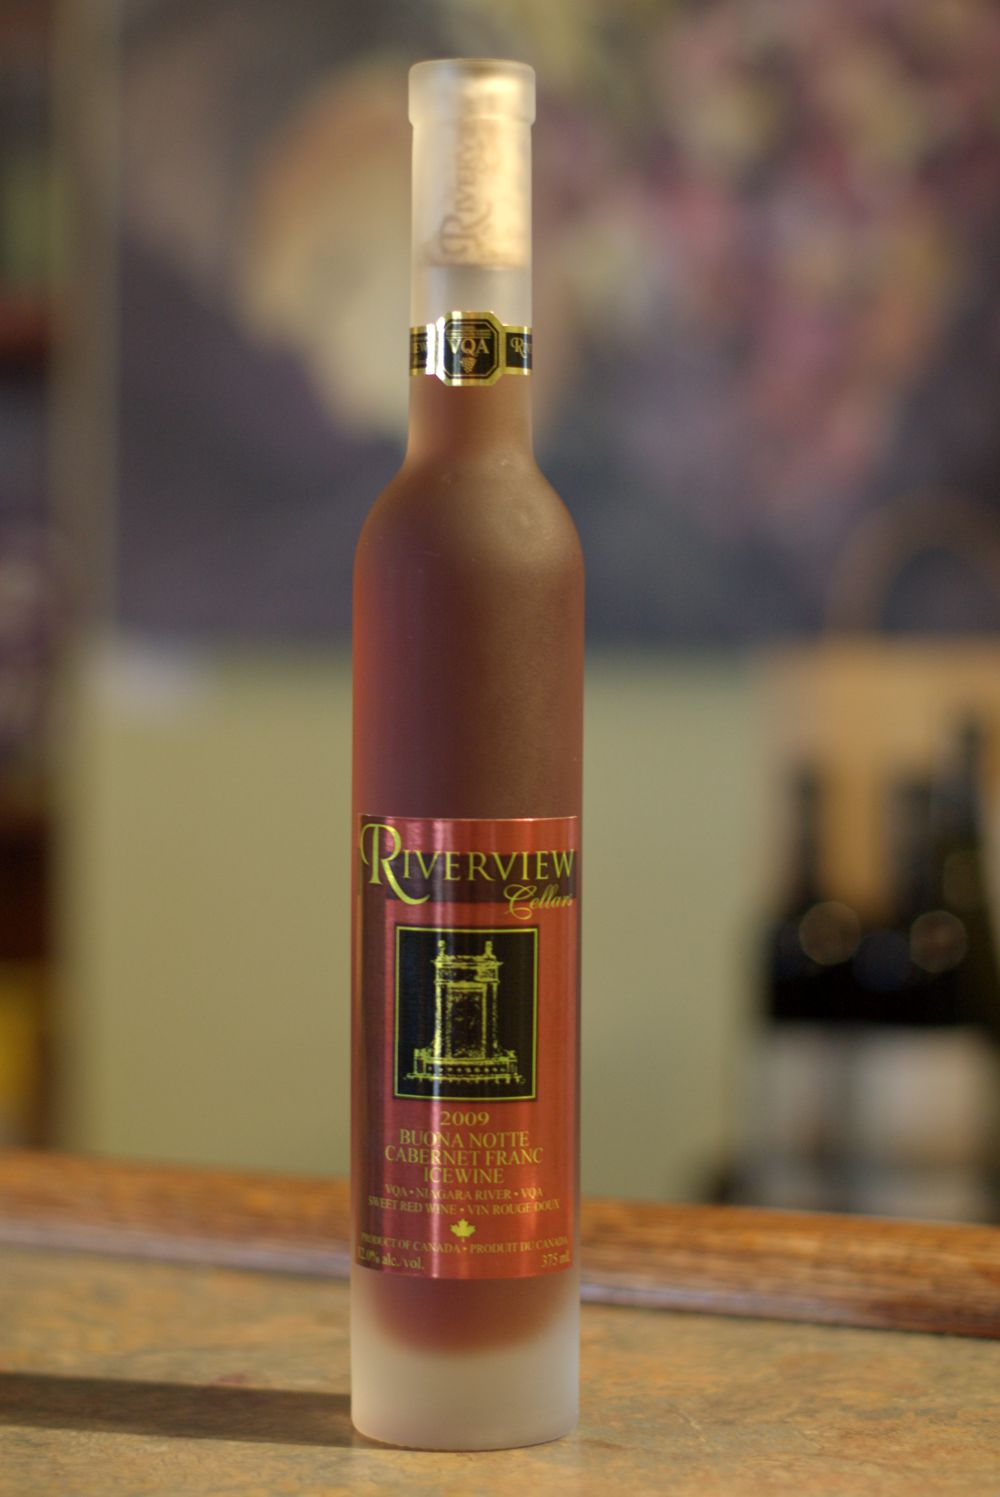 Riverview Cellars 2009 Dessert Wine